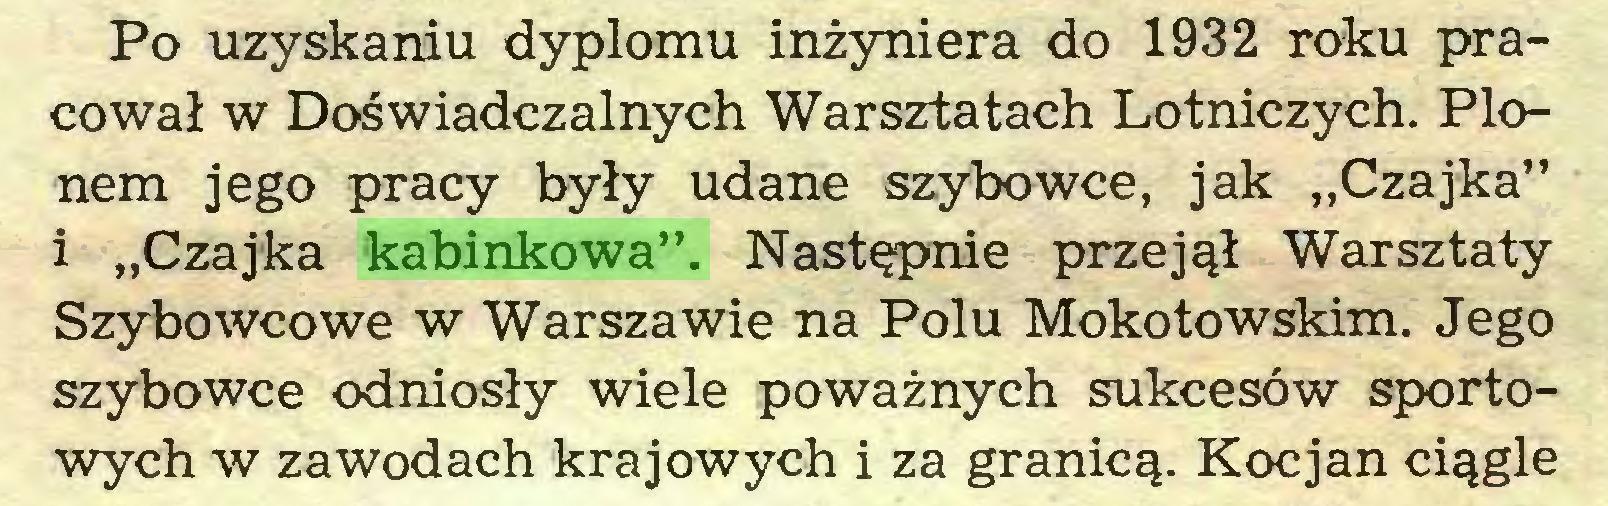 """(...) Po uzyskaniu dyplomu inżyniera do 1932 roku pracował w Doświadczalnych Warsztatach Lotniczych. Plonem jego pracy były udane szybowce, jak """"Czajka"""" i """"Czajka kabinkowa"""". Następnie przejął Warsztaty Szybowcowe w Warszawie na Polu Mokotowskim. Jego szybowce odniosły wiele poważnych sukcesów sportowych w zawodach krajowych i za granicą. Kocjan ciągle..."""